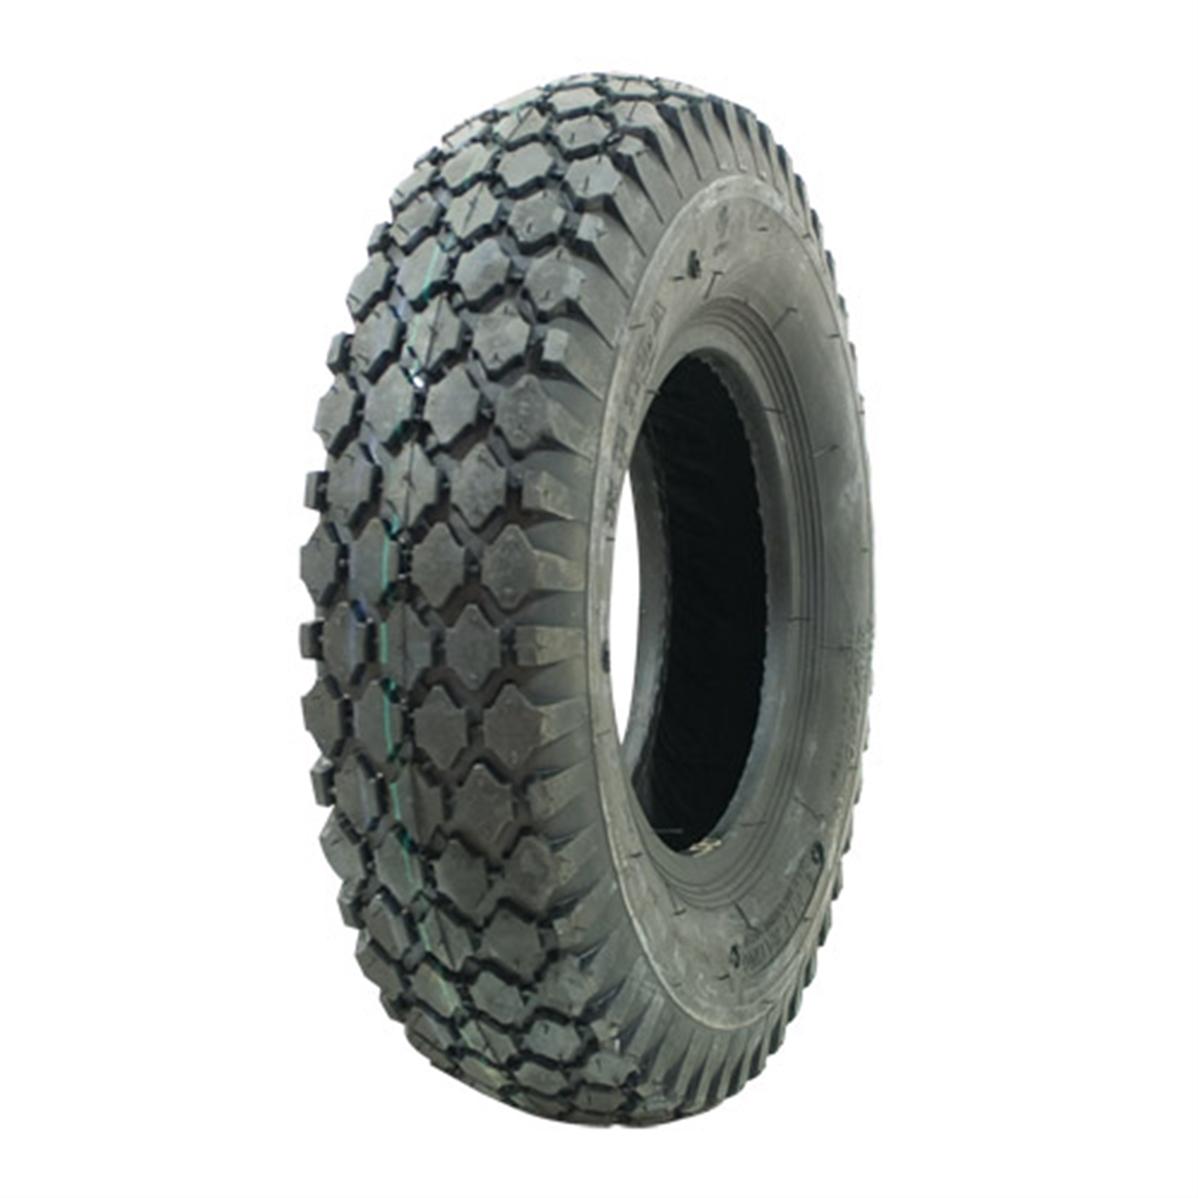 pneu tracteur tondeuse autoport e 410 350x6 gazon. Black Bedroom Furniture Sets. Home Design Ideas